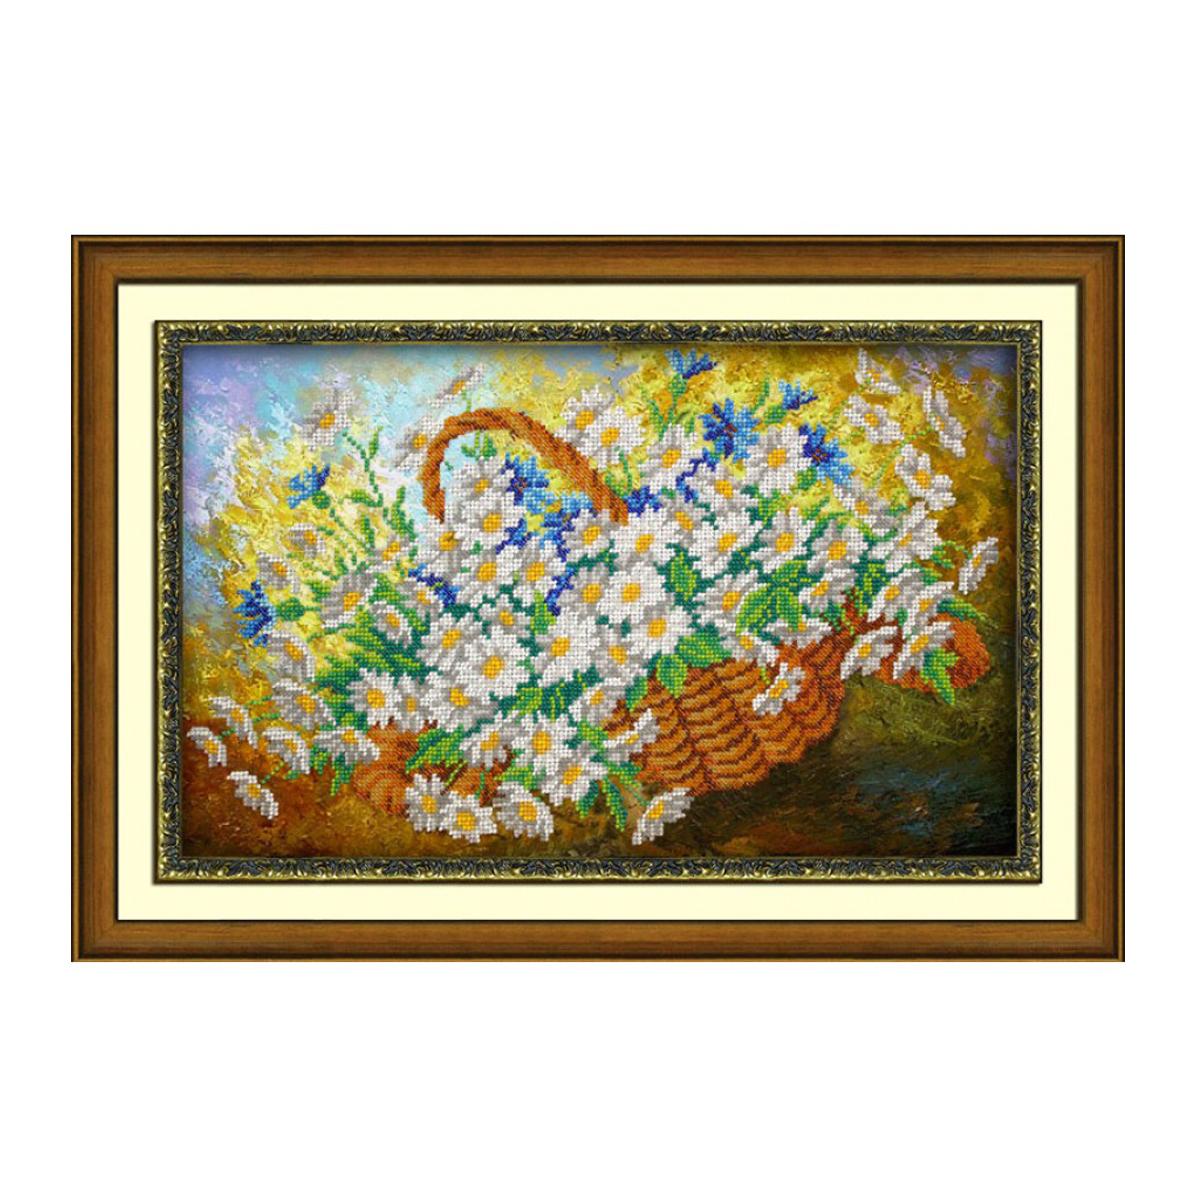 Набор для вышивания бисером Паутинка Ромашки, 24 см х 39 см. Б12397710793Состав набора: бисер Чехия - 15 цветов, льняная ткань с нанесенным рисунком, бисерная игла, подробная инструкция.